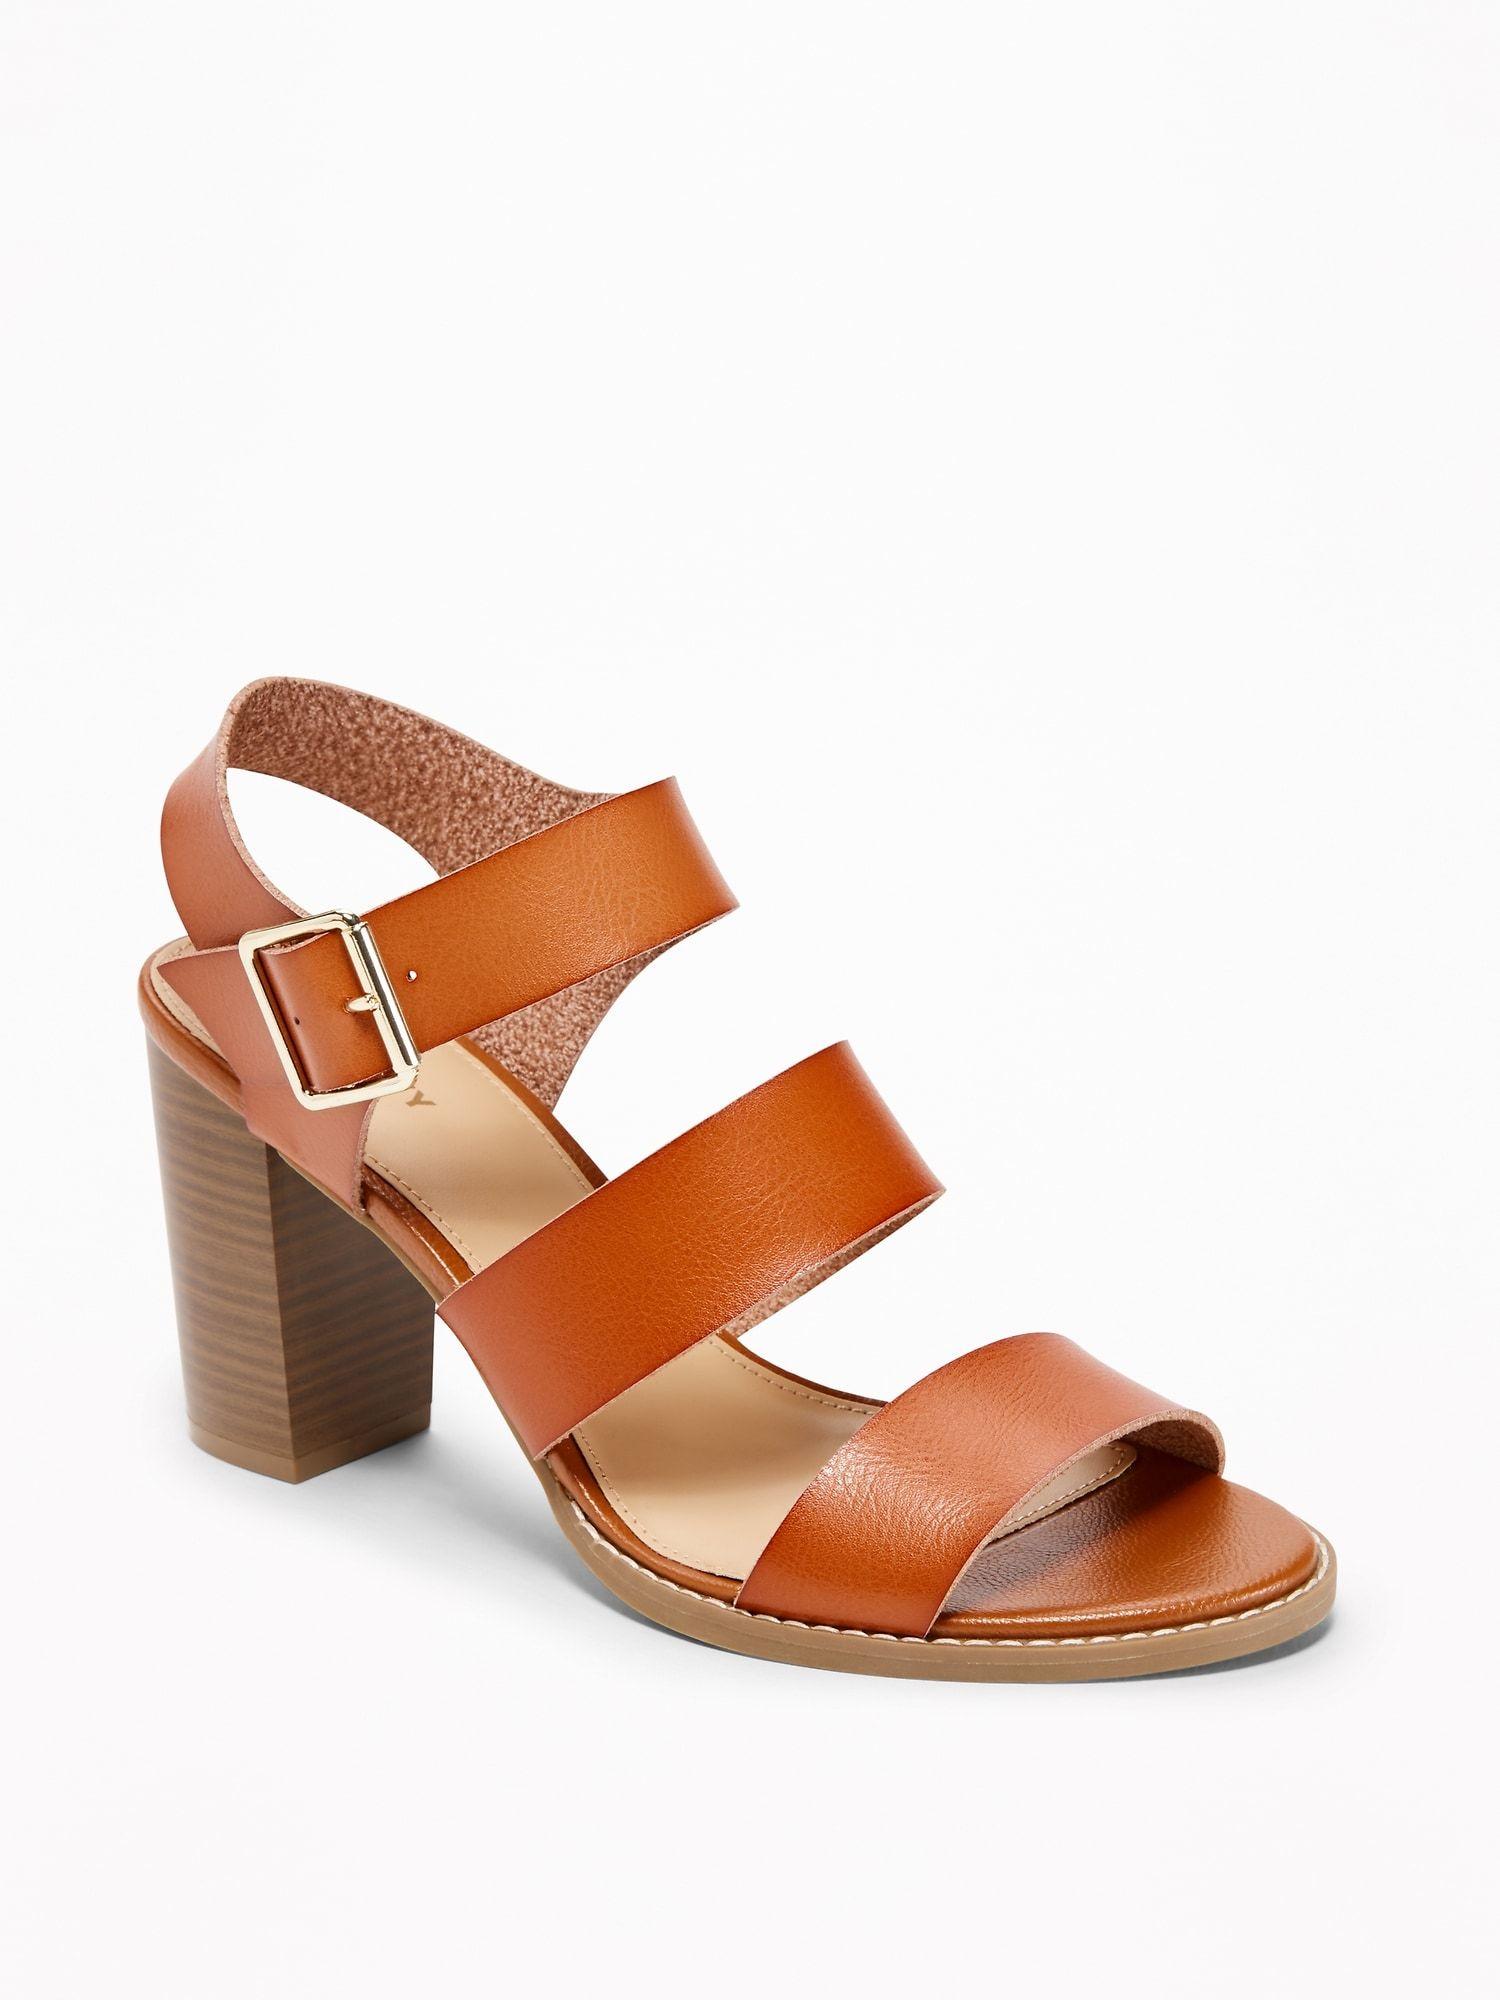 Block heels sandal